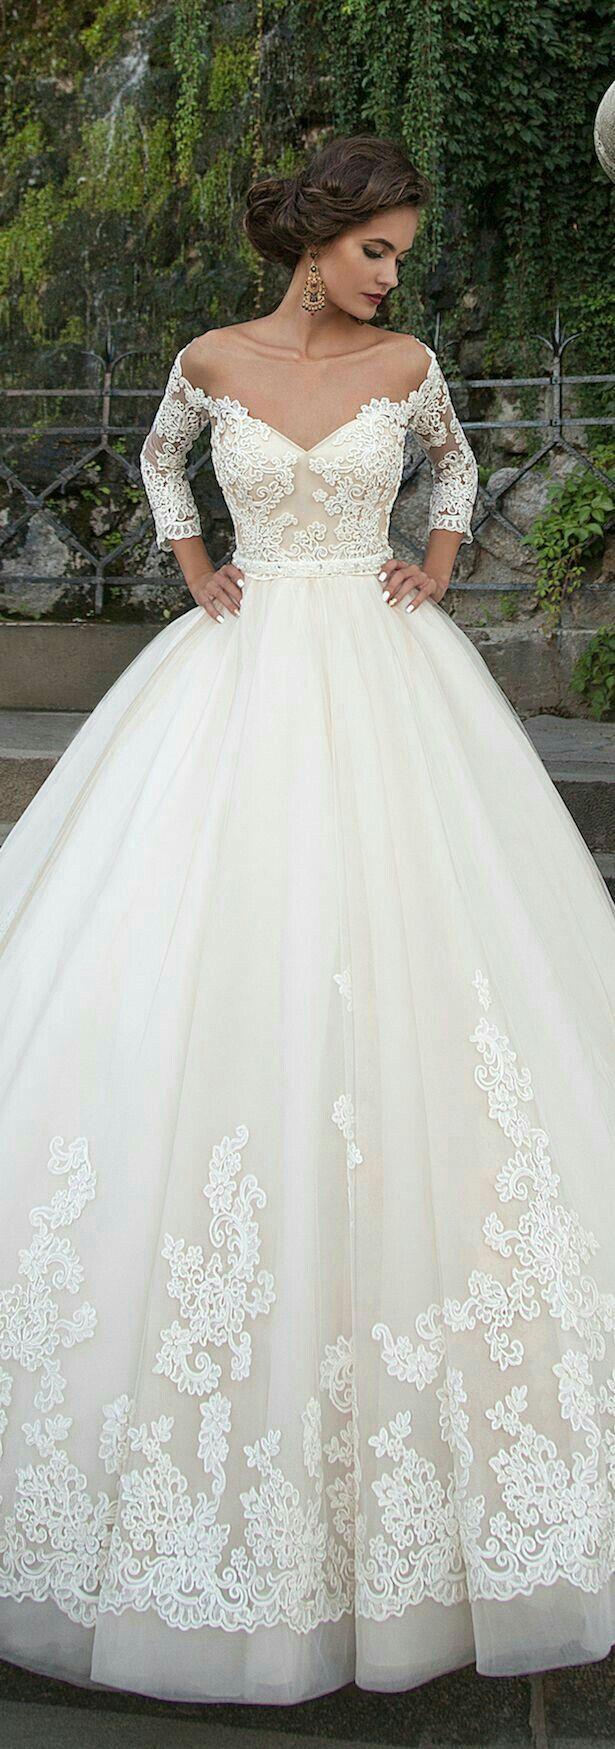 زفاف - The Best Wedding Dresses